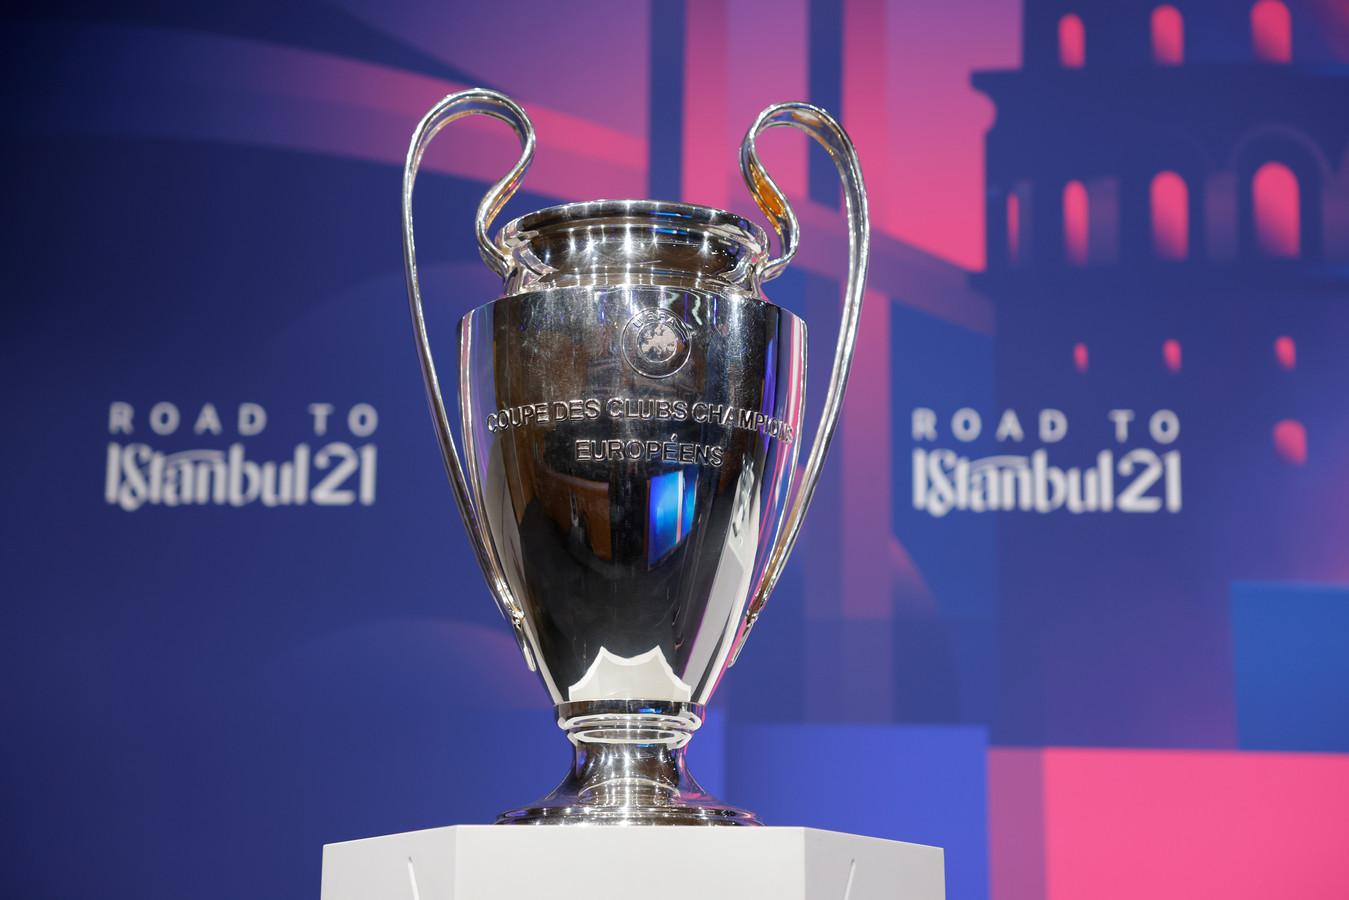 De Champions League-finale wordt zaterdag 29 mei gespeeld in Istanboel.